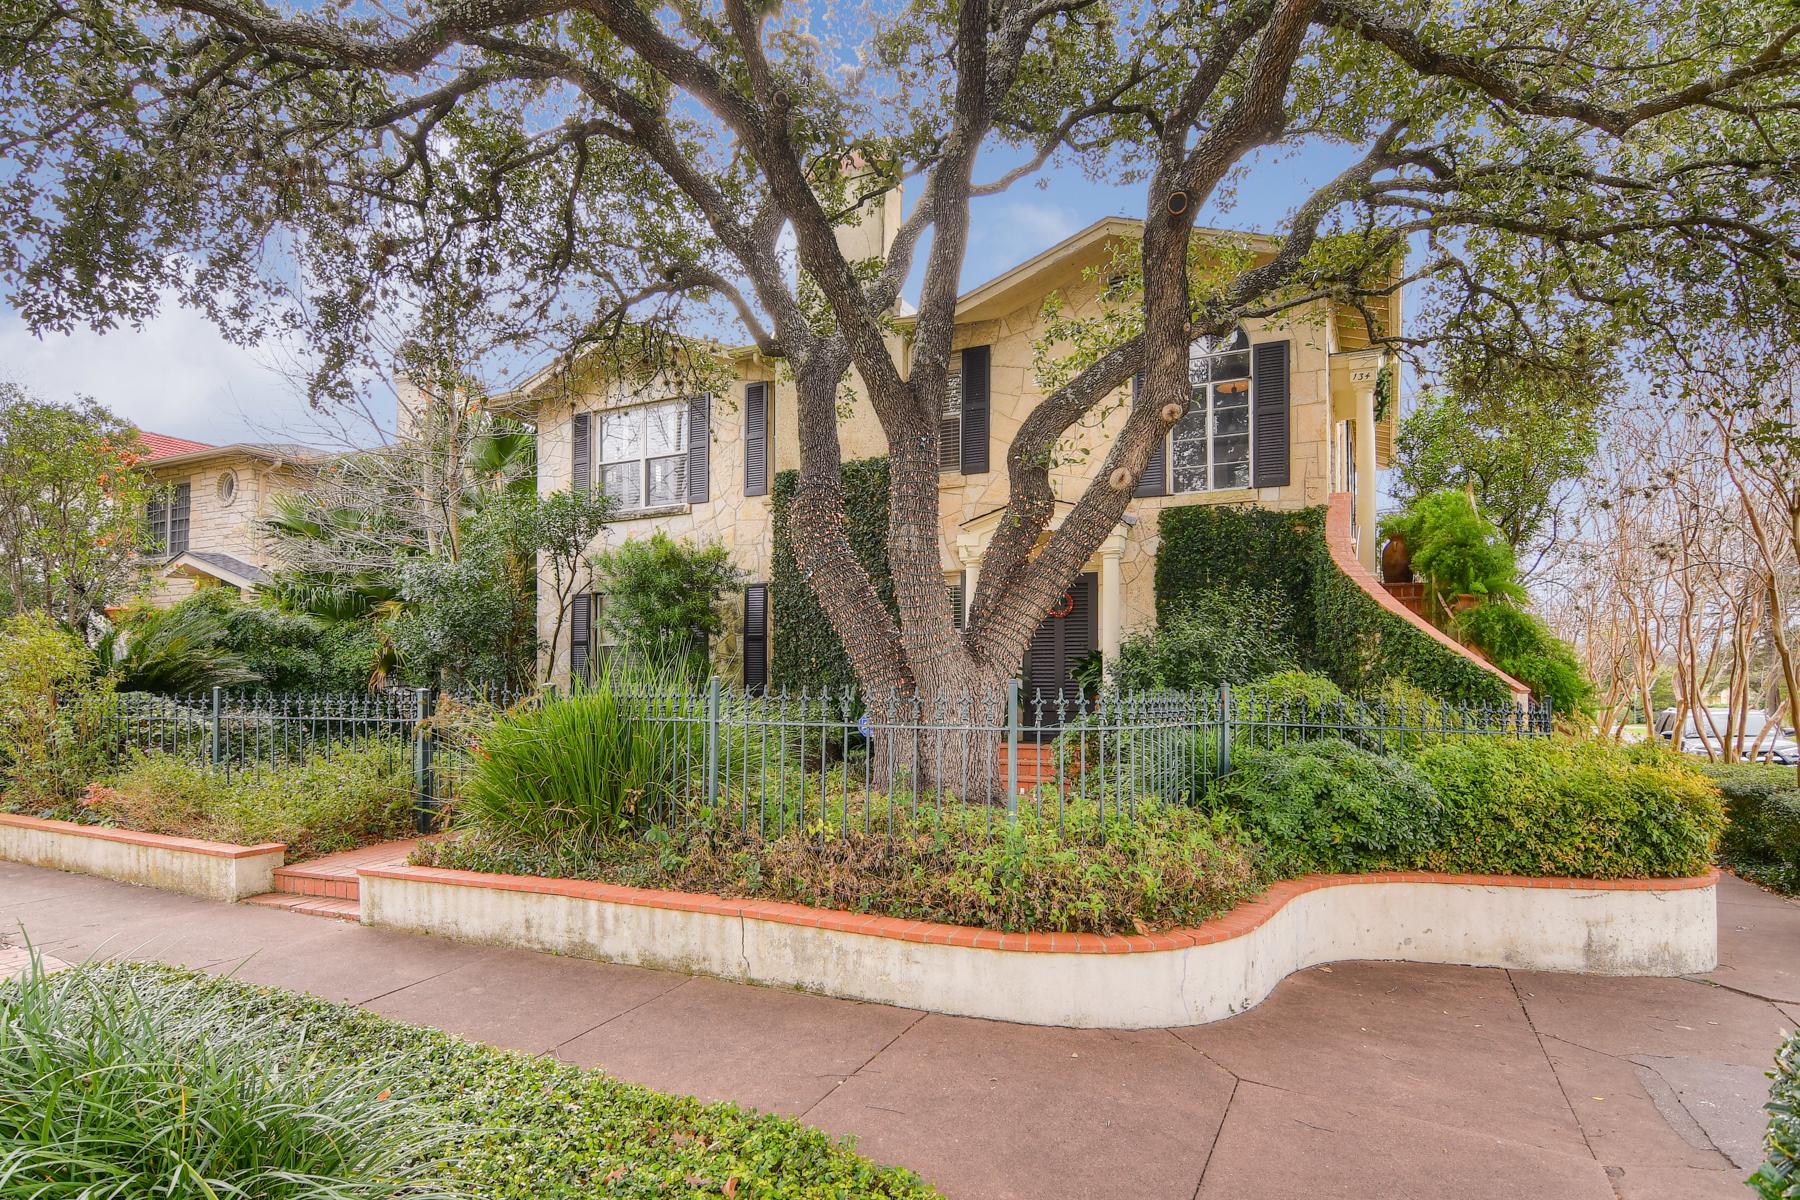 Casa Multifamiliar por un Alquiler en Fantastic Unit in Monte Vista 134 W Summit Ave San Antonio, Texas 78212 Estados Unidos